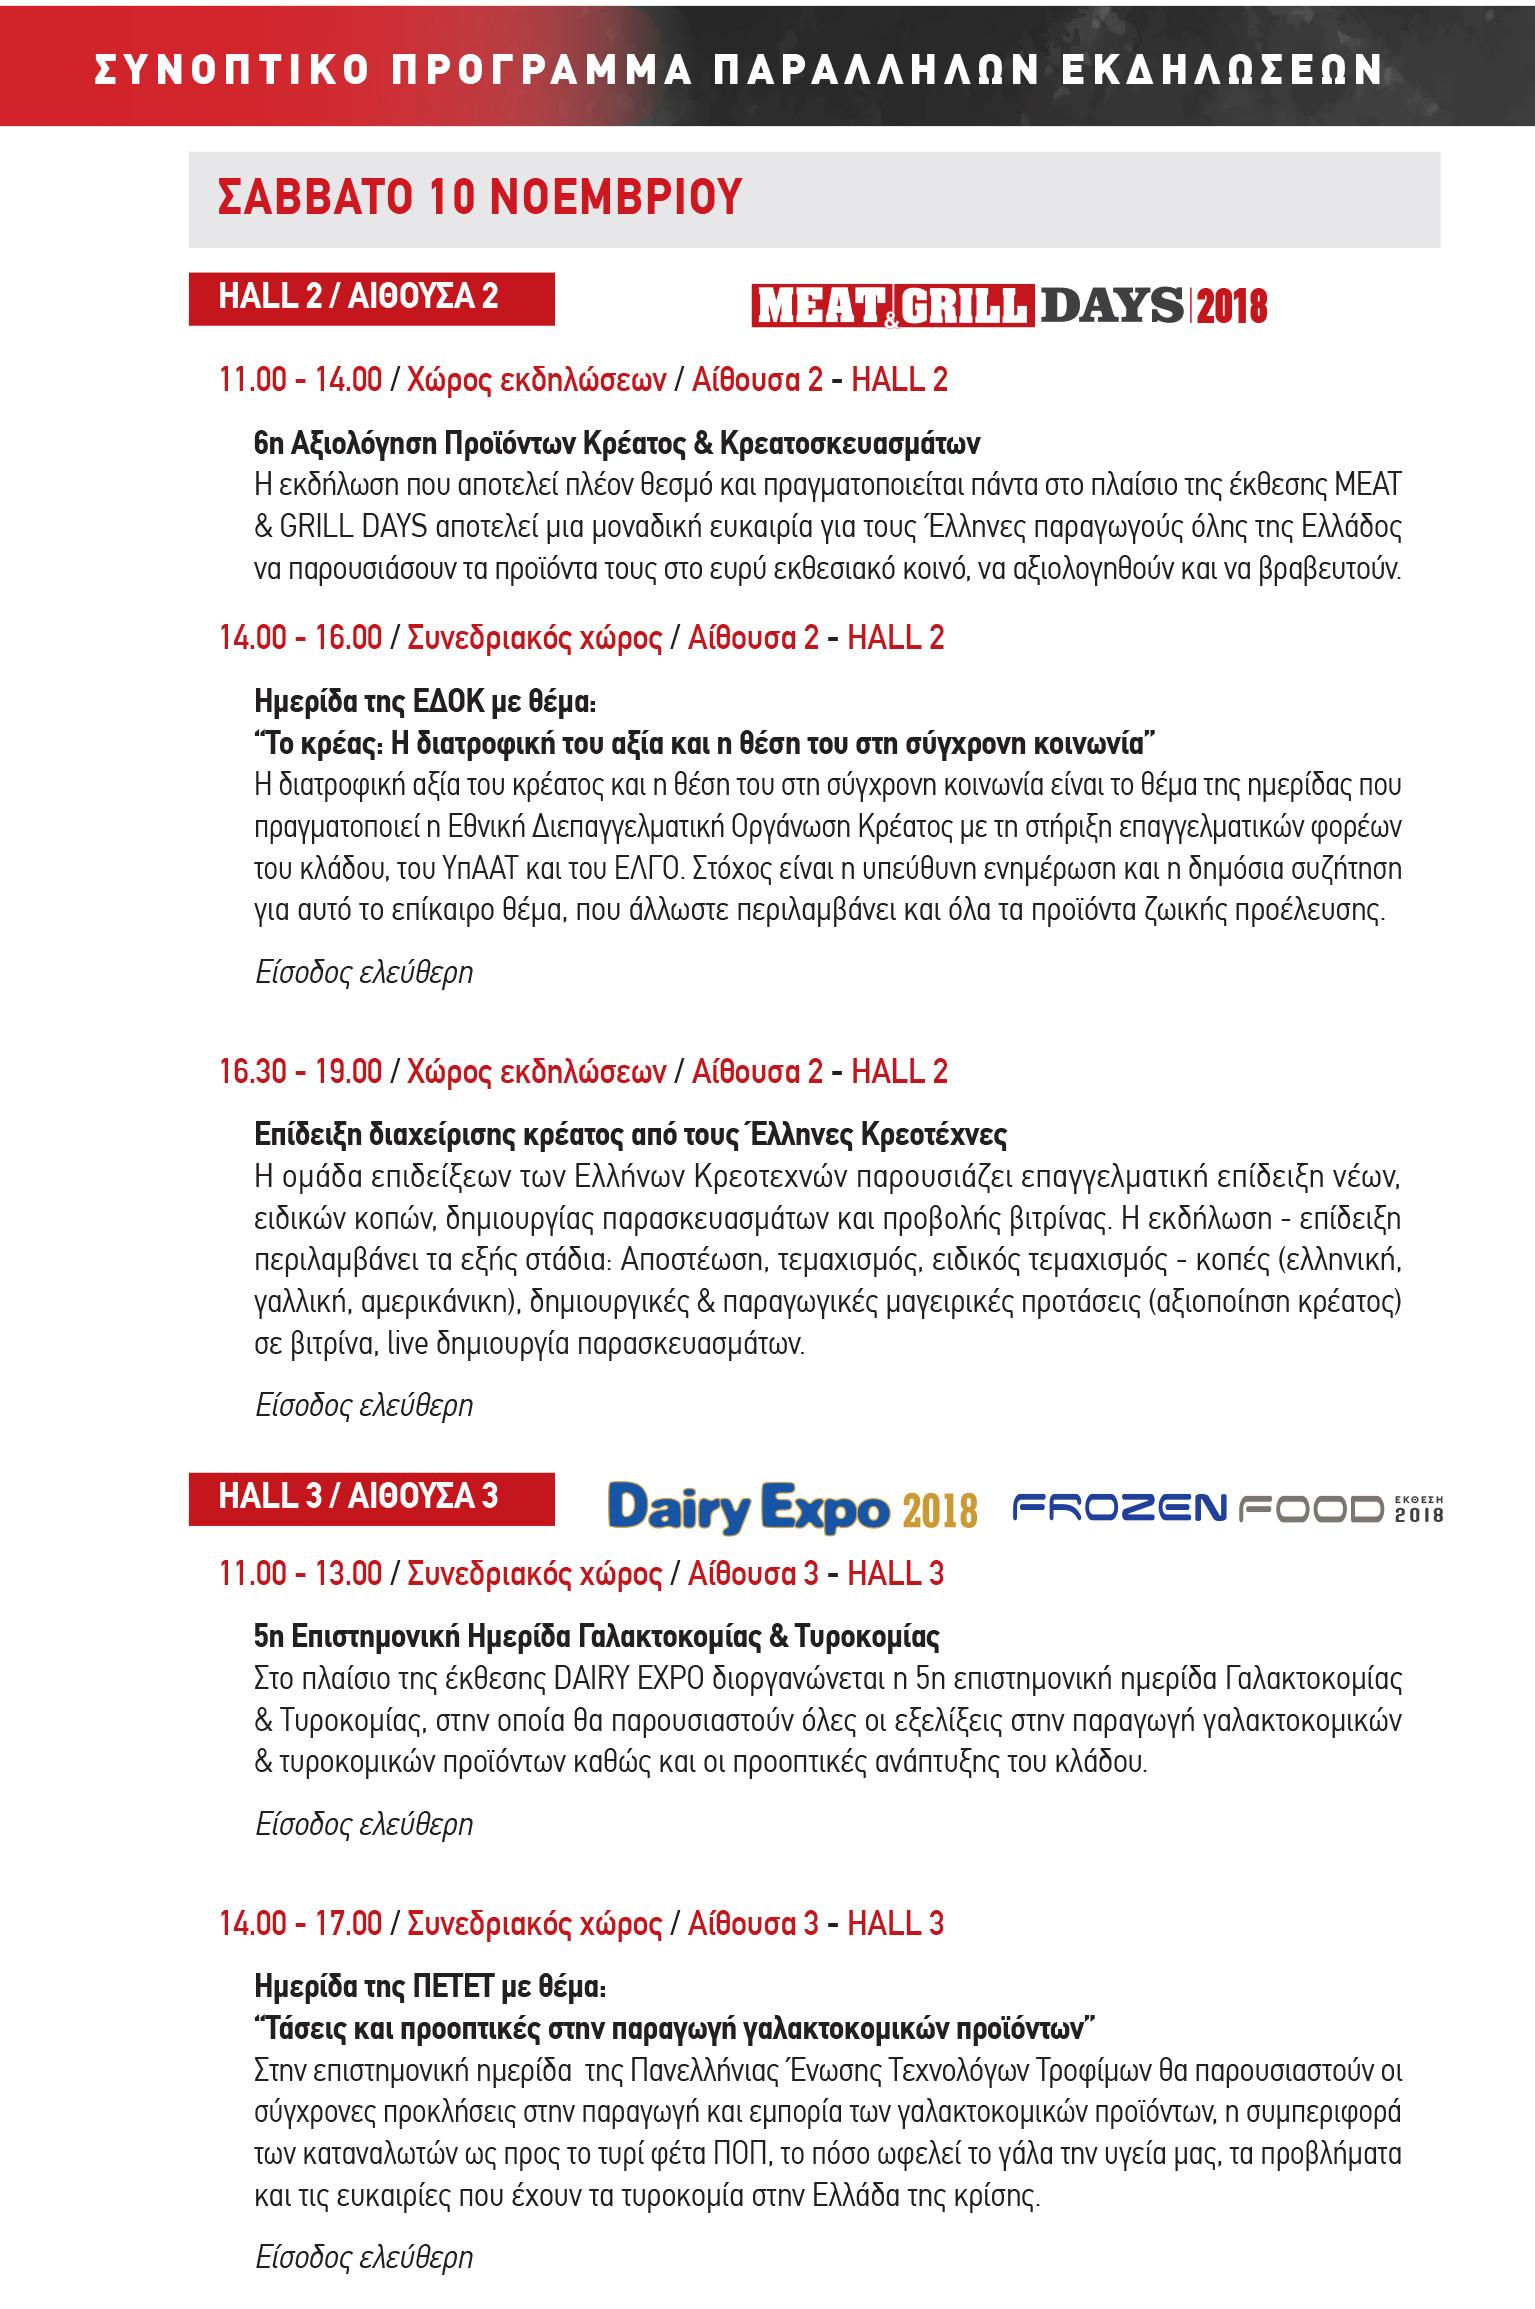 Synoptiko programma gia site-1.jpg